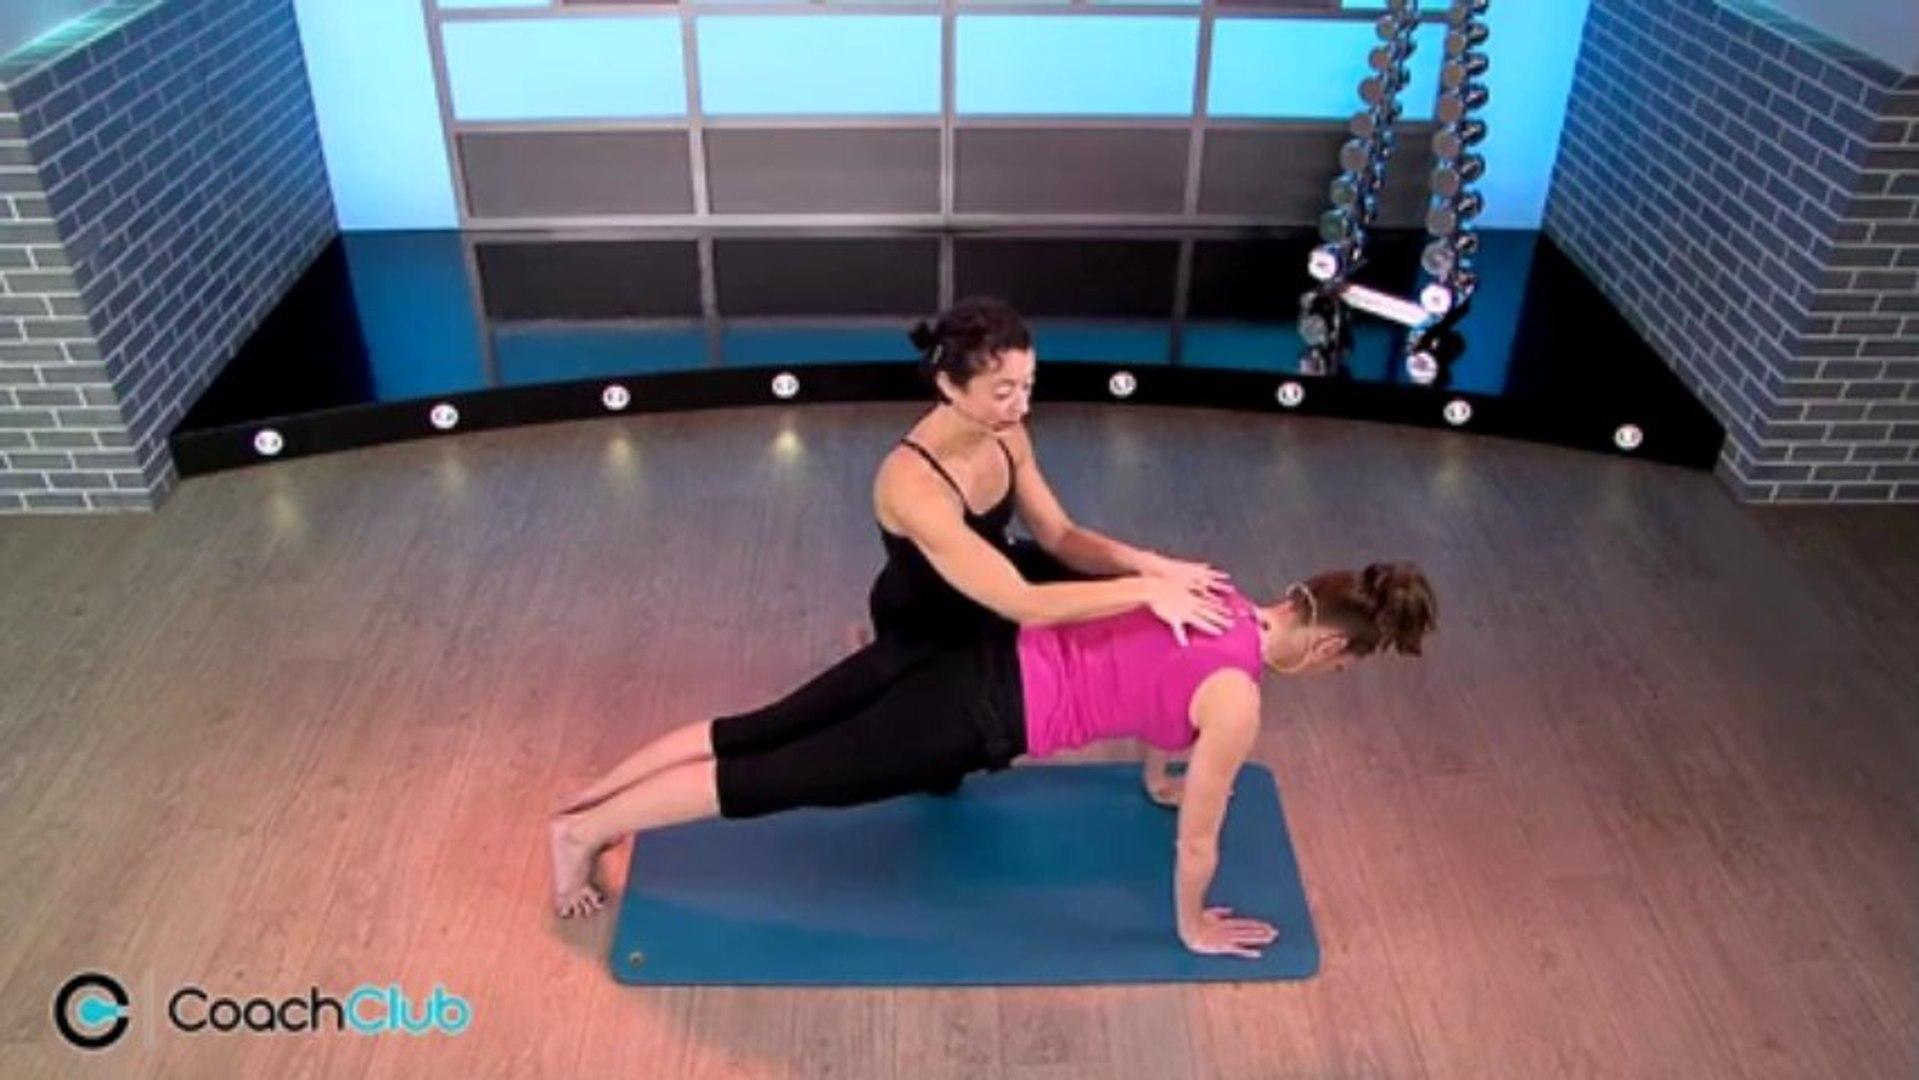 Muscler les bras avec l'exercice du plank push up